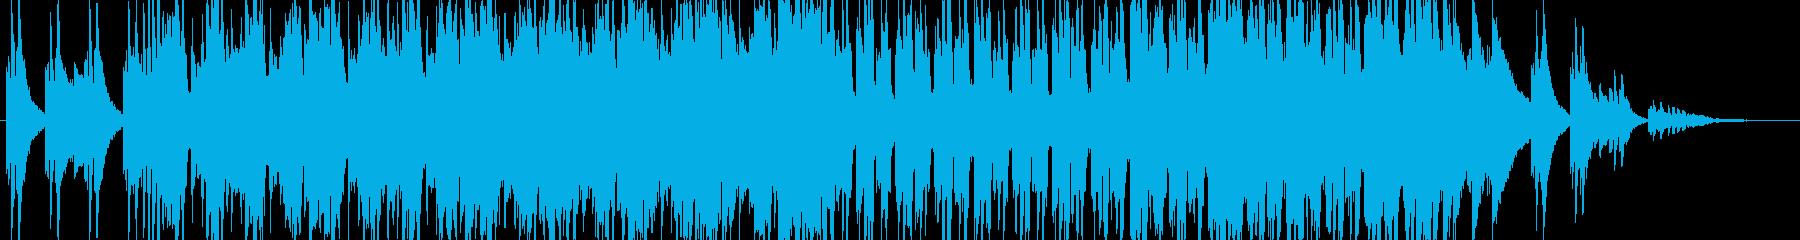 RPGの洞窟感漂うミディアムテンポ曲の再生済みの波形